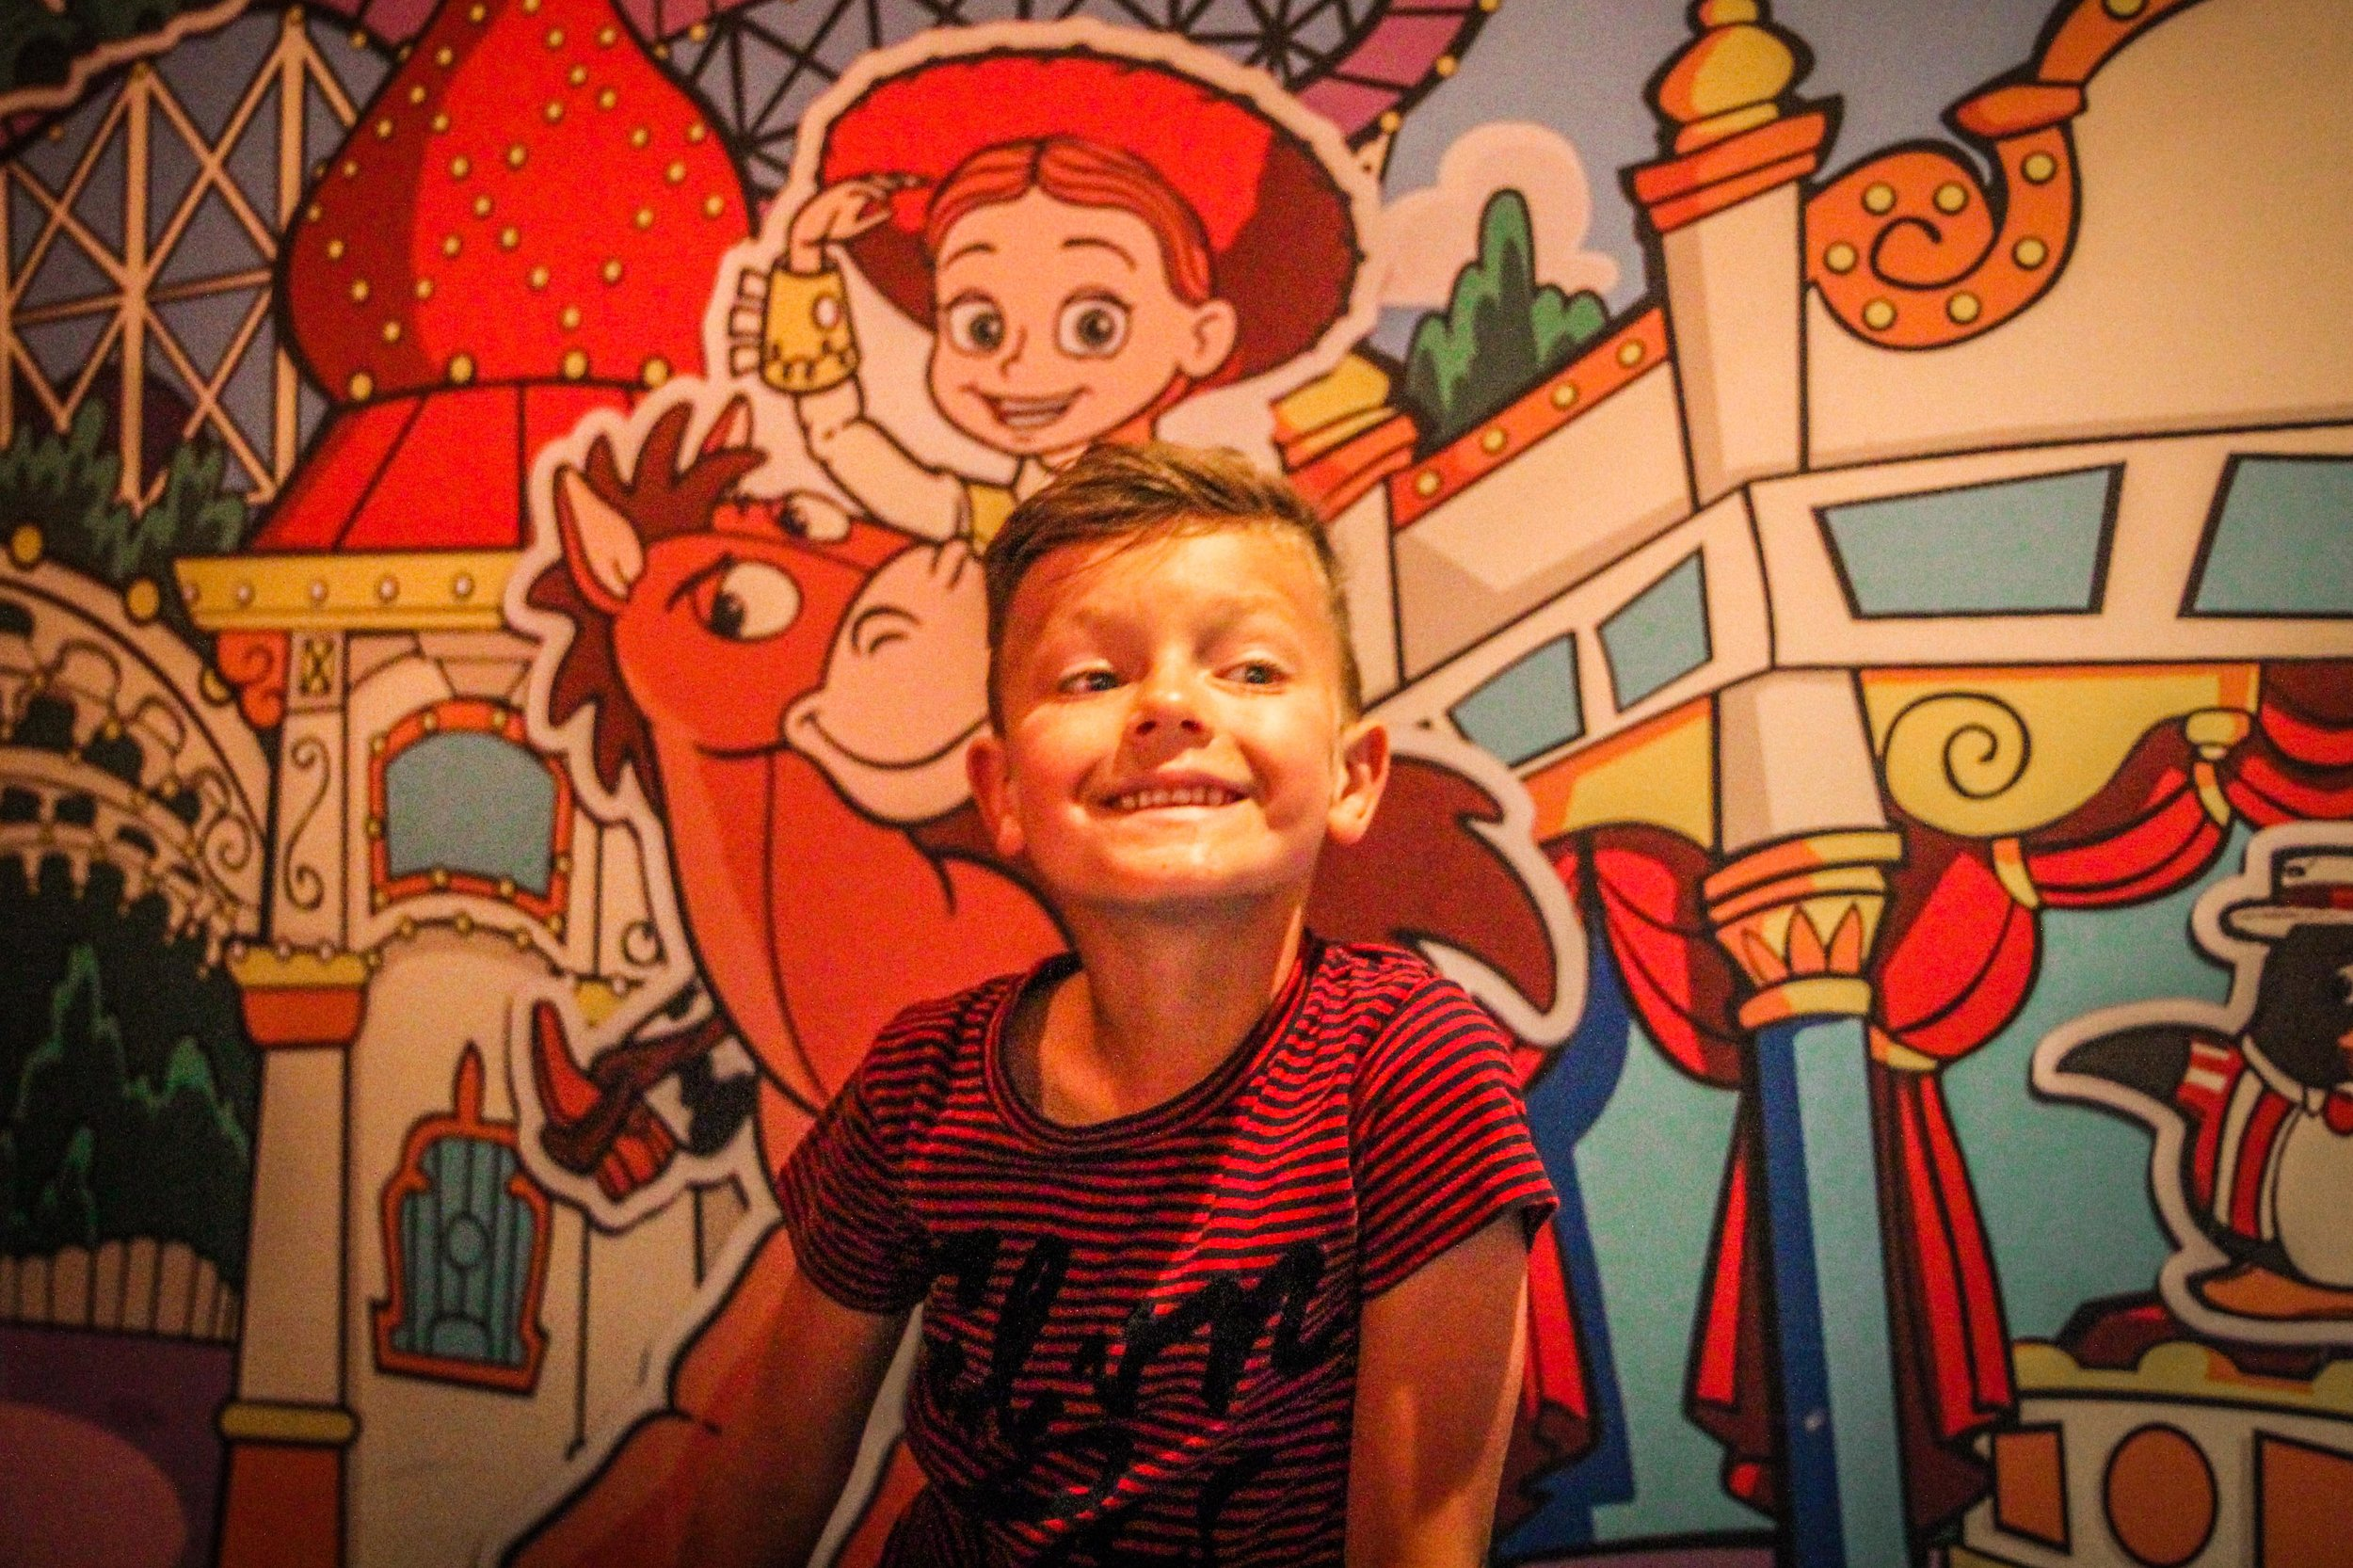 Disney_Studio_orlando_reizen_met_kinderen-13.jpg